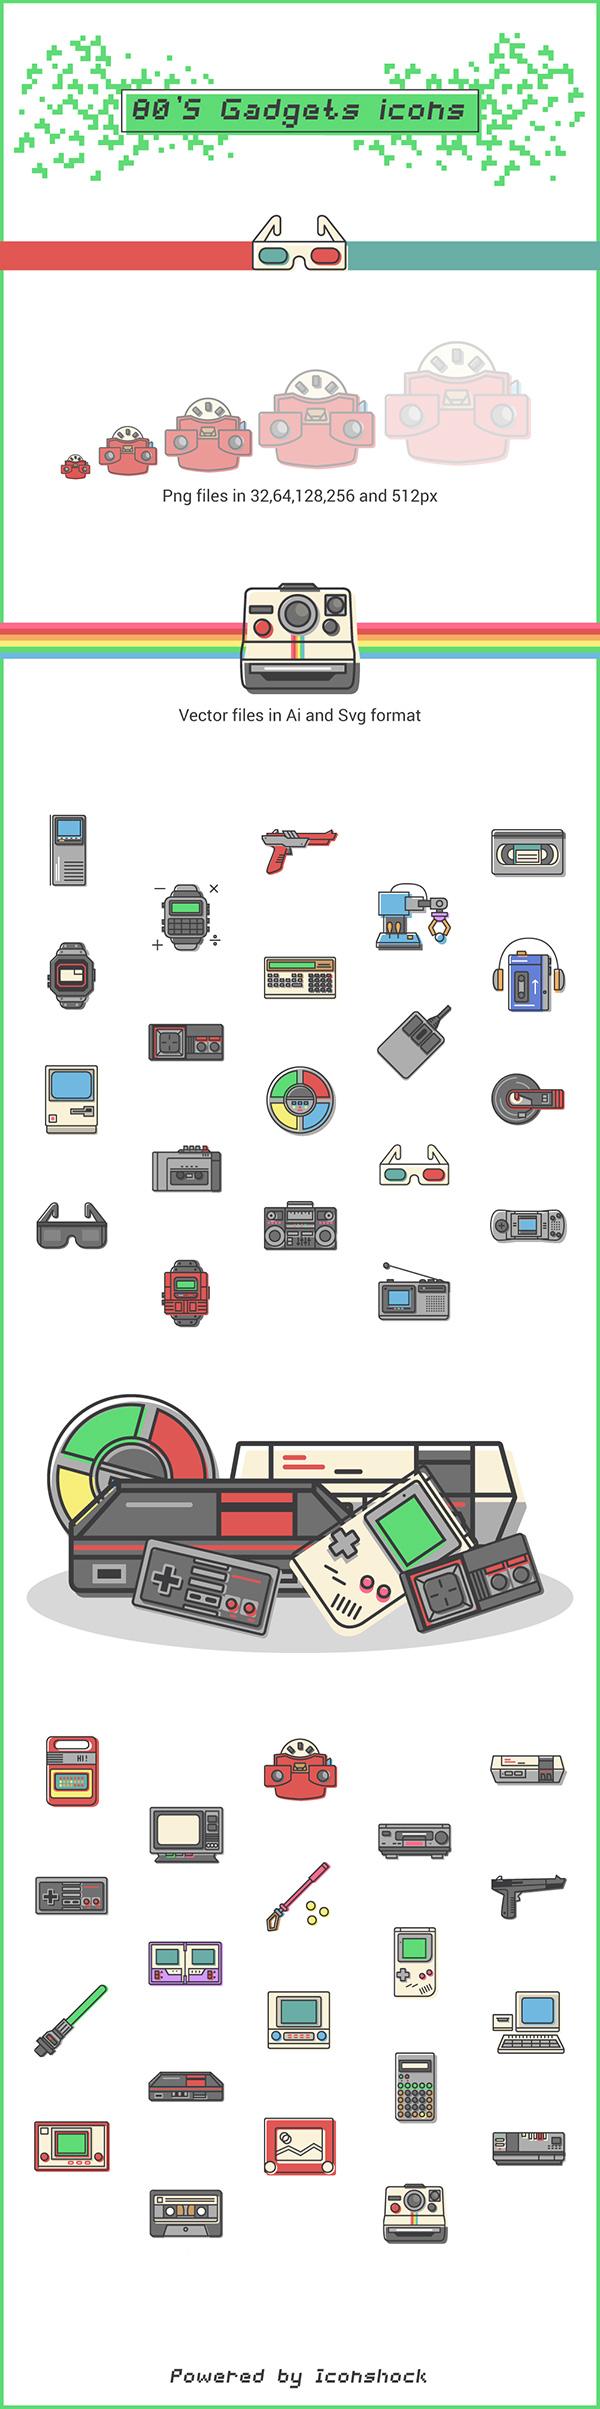 meilleurweb88_ressources_webdesign6